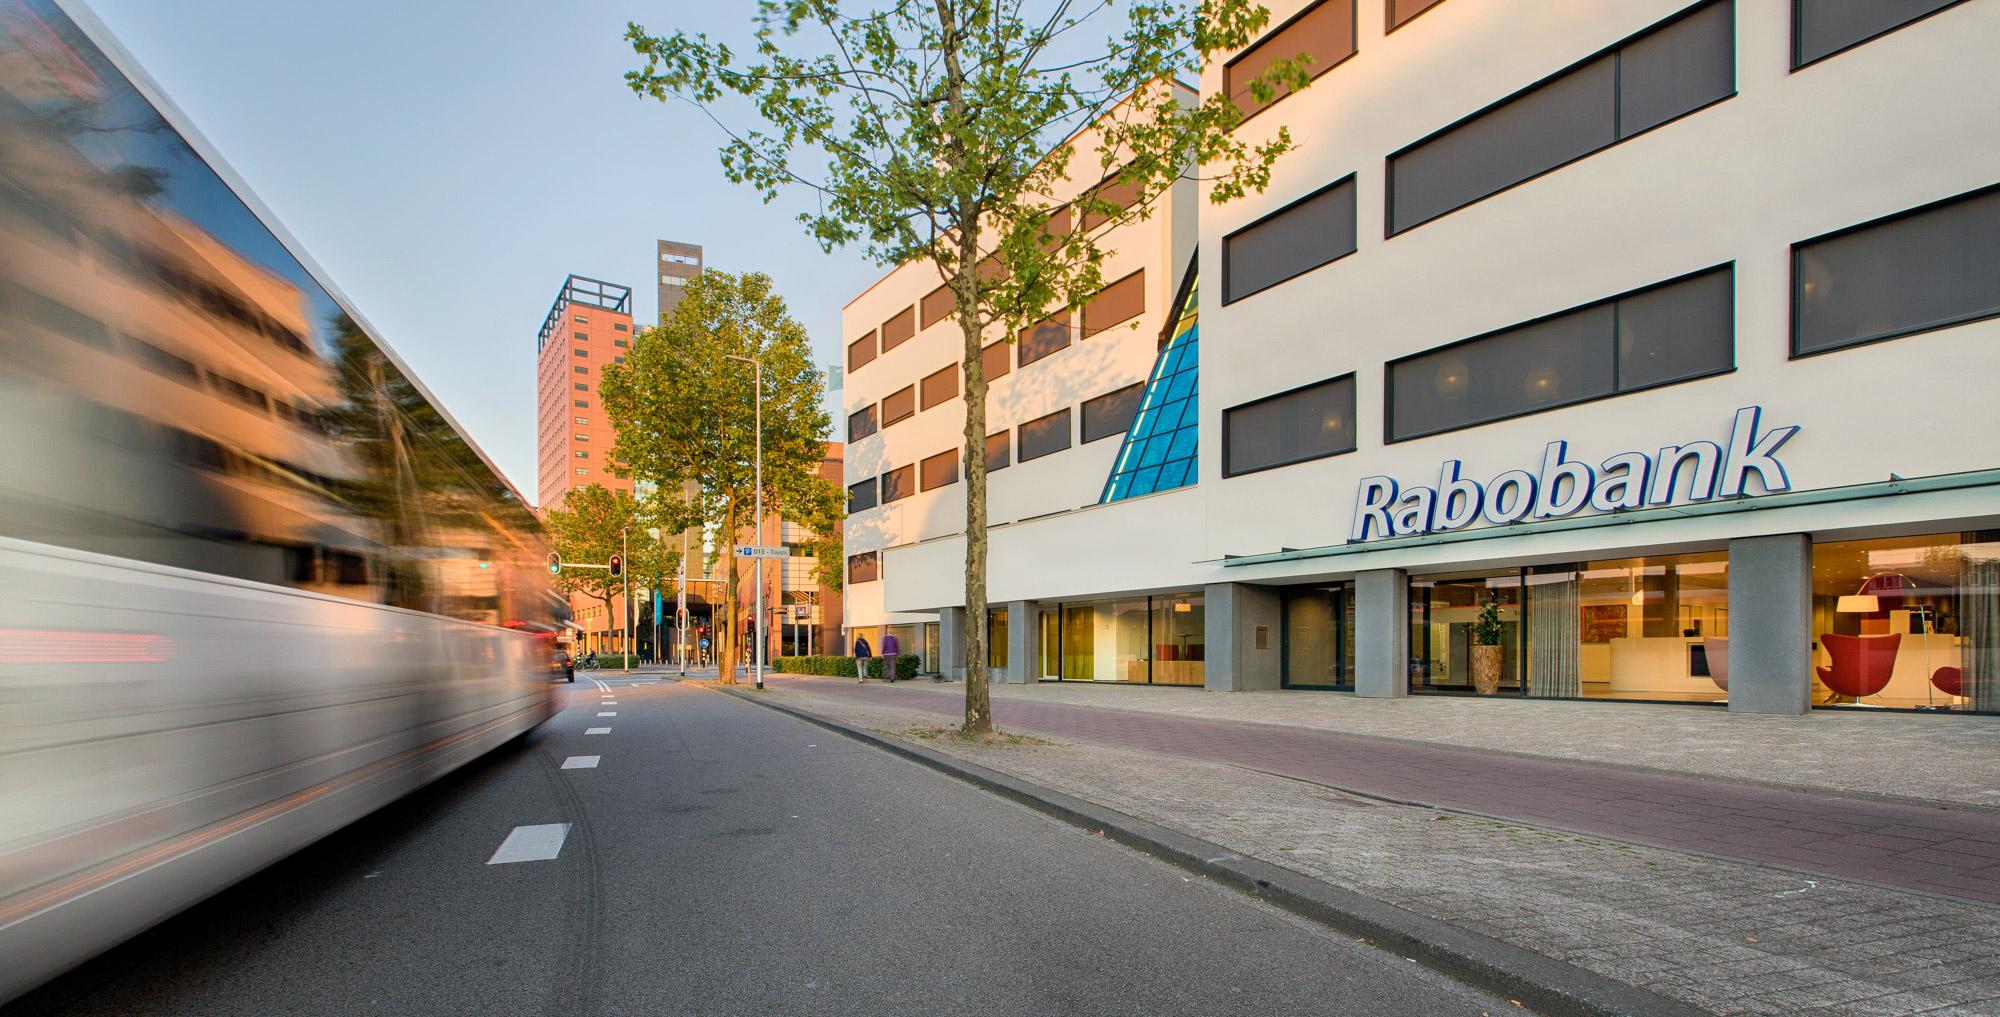 Architectuur foto van de Rabobank in Tilburg gemaakt tijdens een bedrijfsreportage door FischerFotografie.